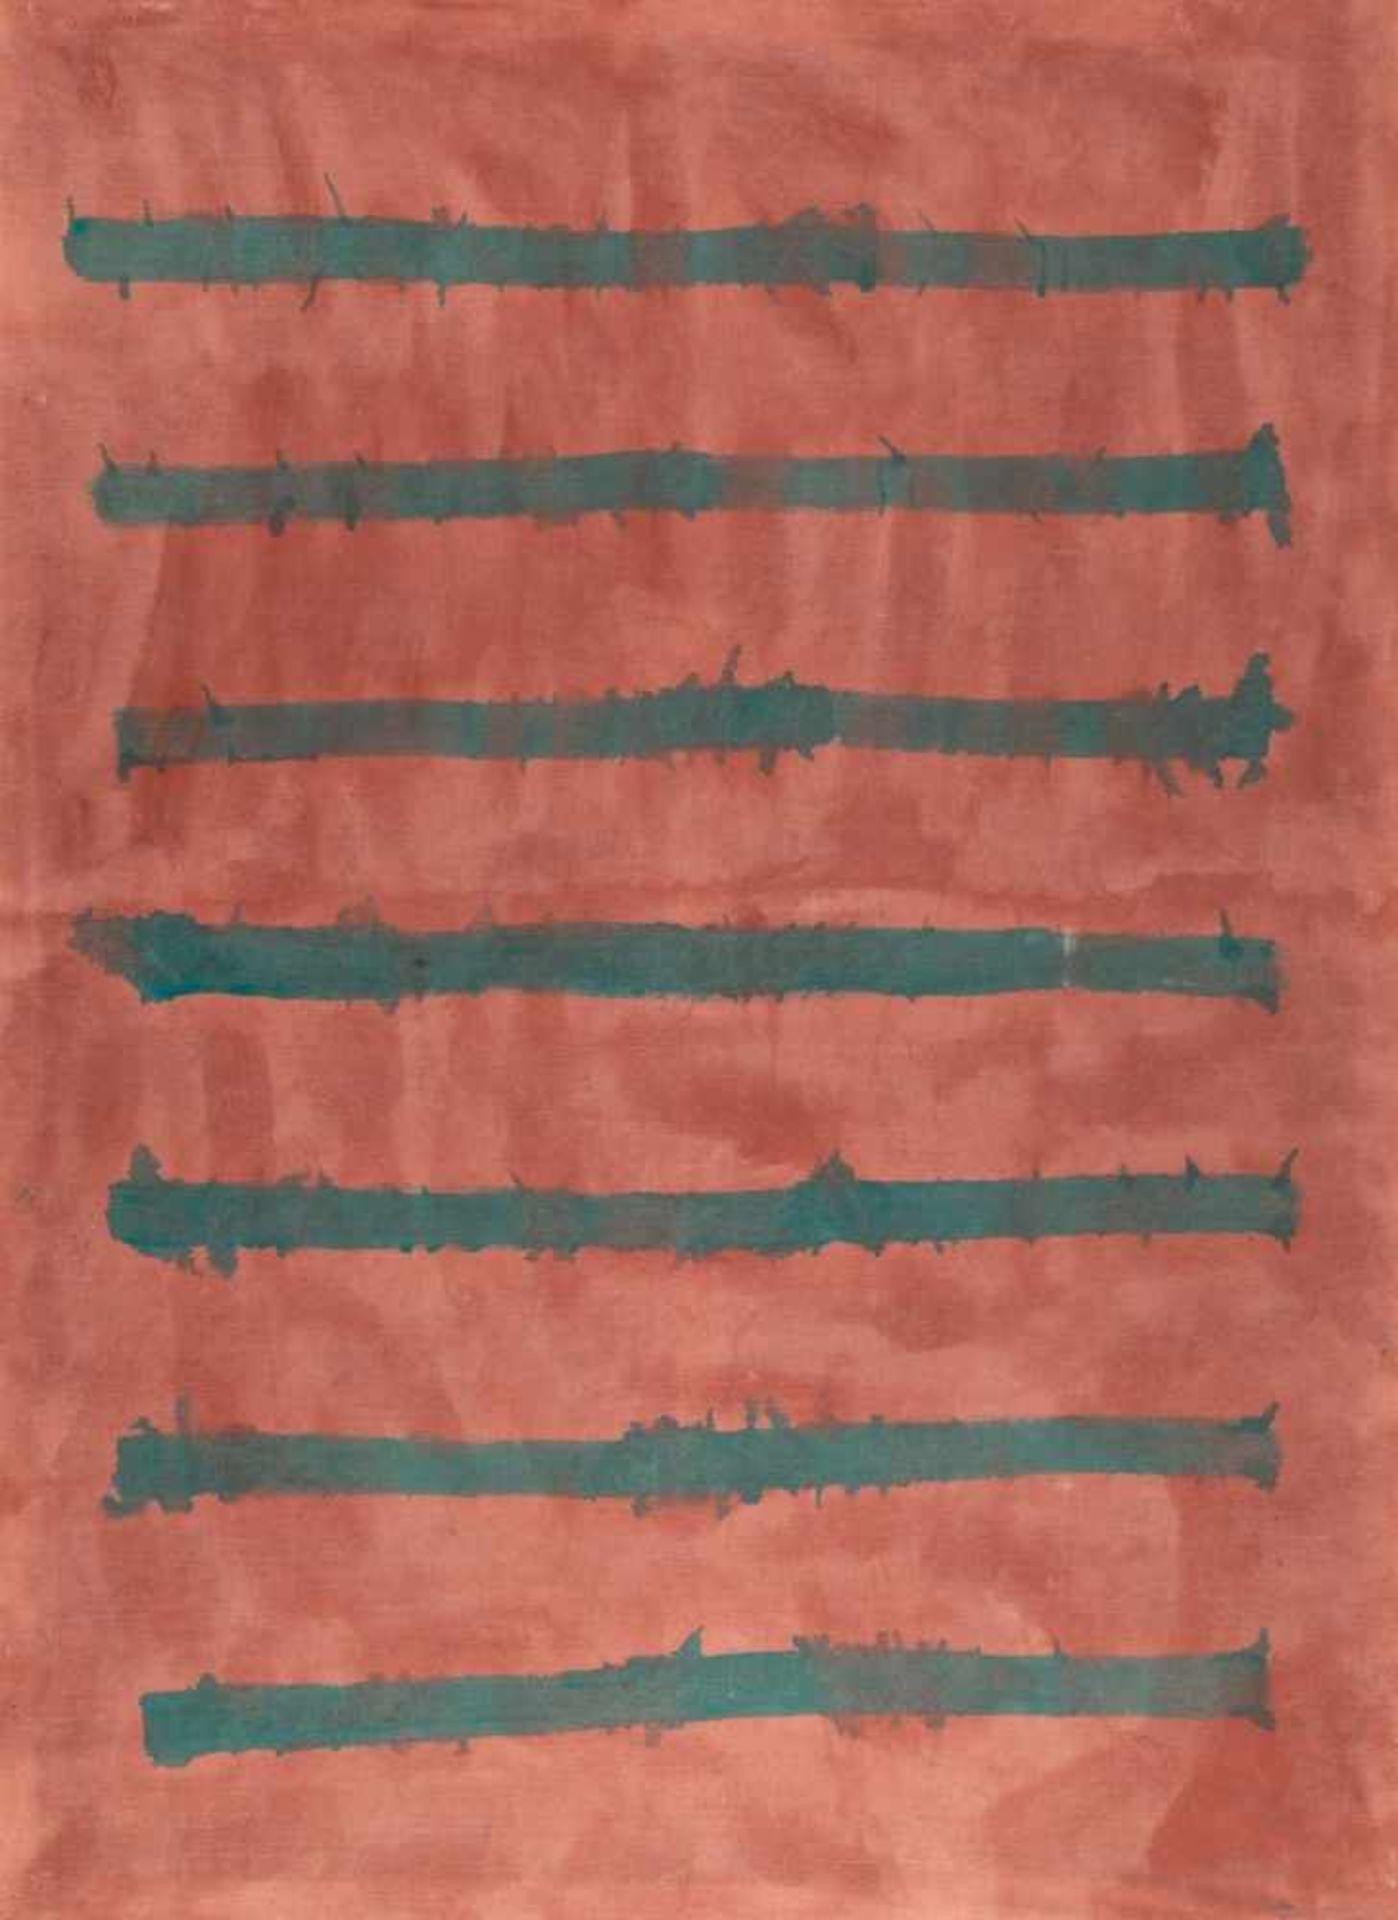 Los 9 - OSWALD OBERHUBER(1931 MERAN)o. T., 1985Öl auf Molino, 196 x 145 cmgerahmt, Maß mit Rahmen: 198 x 147